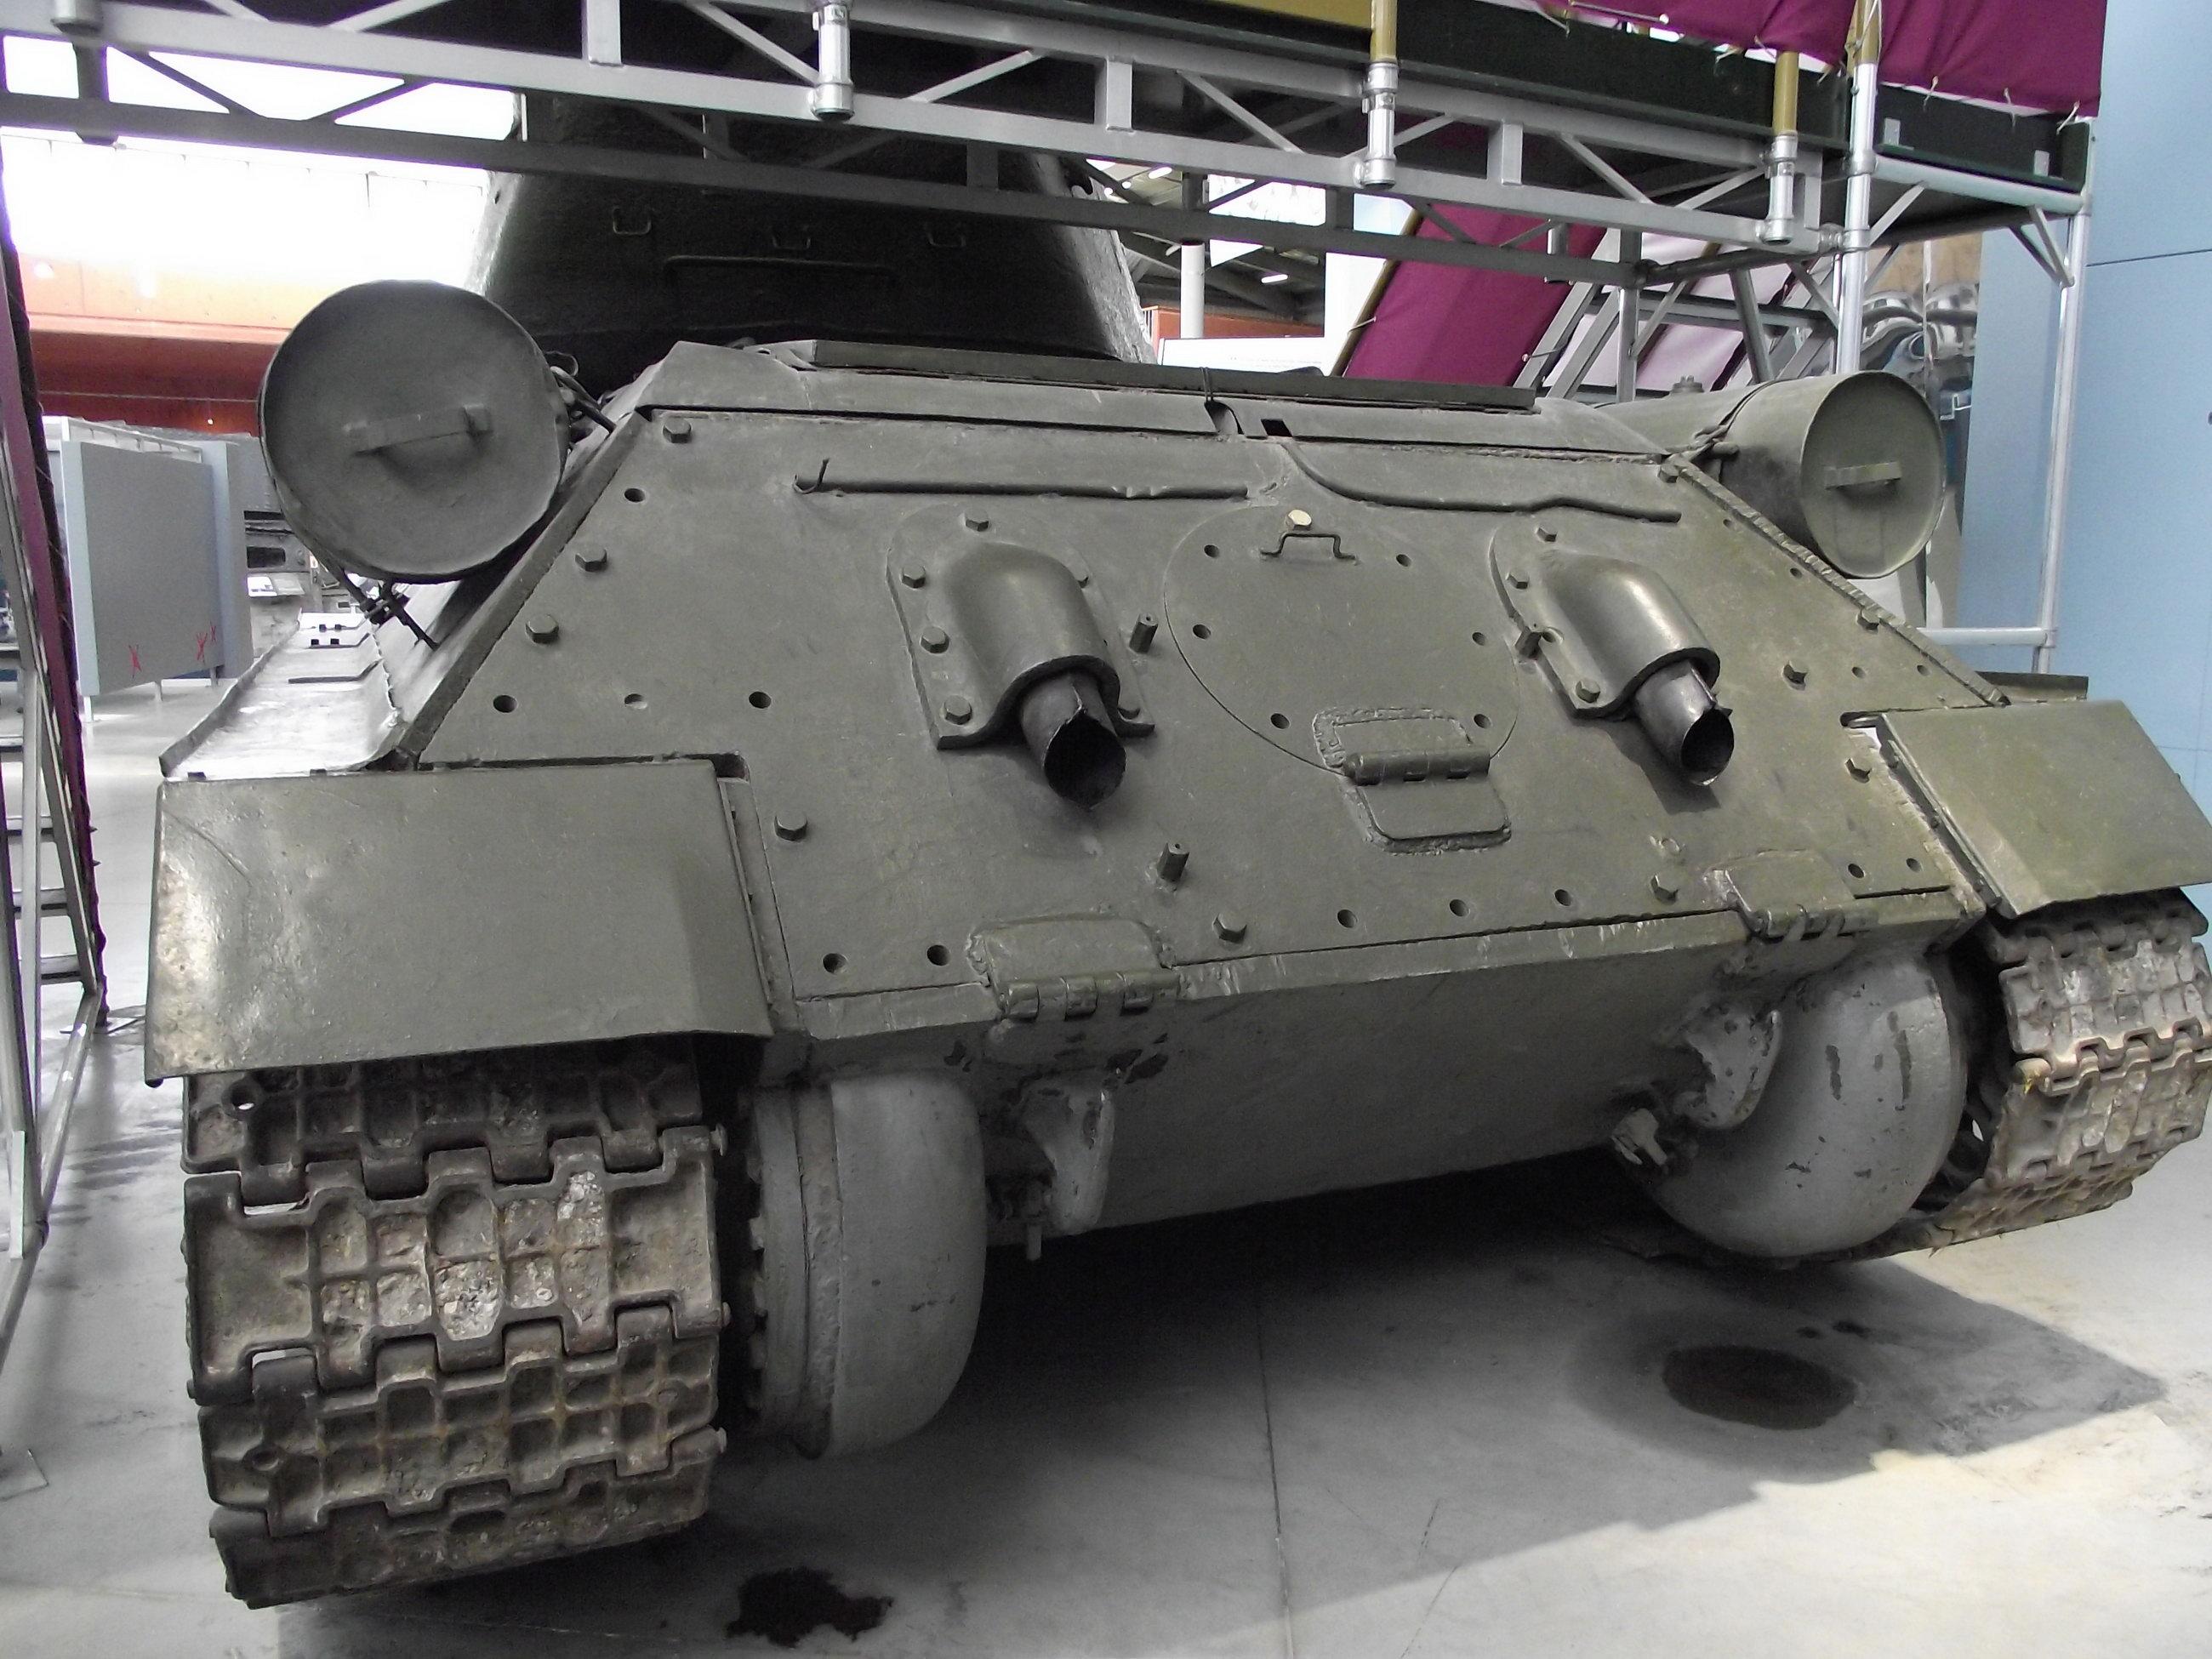 Tank_Museum_20180919_689.jpg